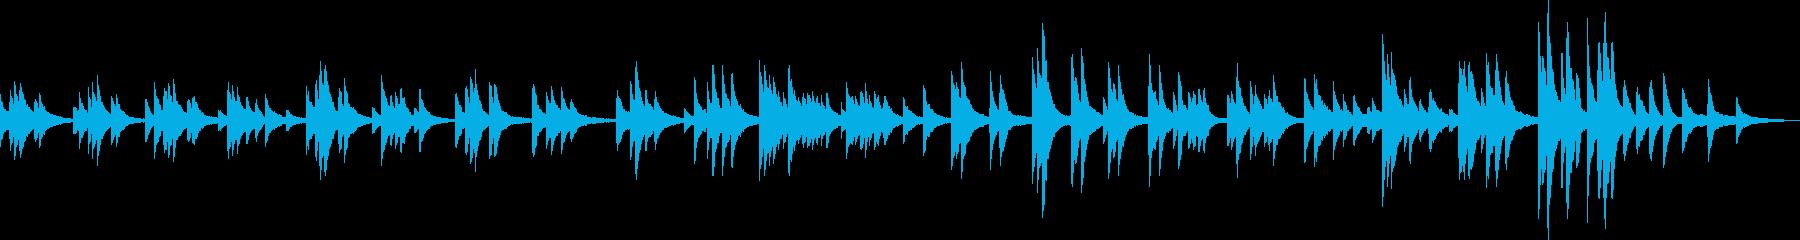 心温まるピアノバラード(BGM・優しい)の再生済みの波形